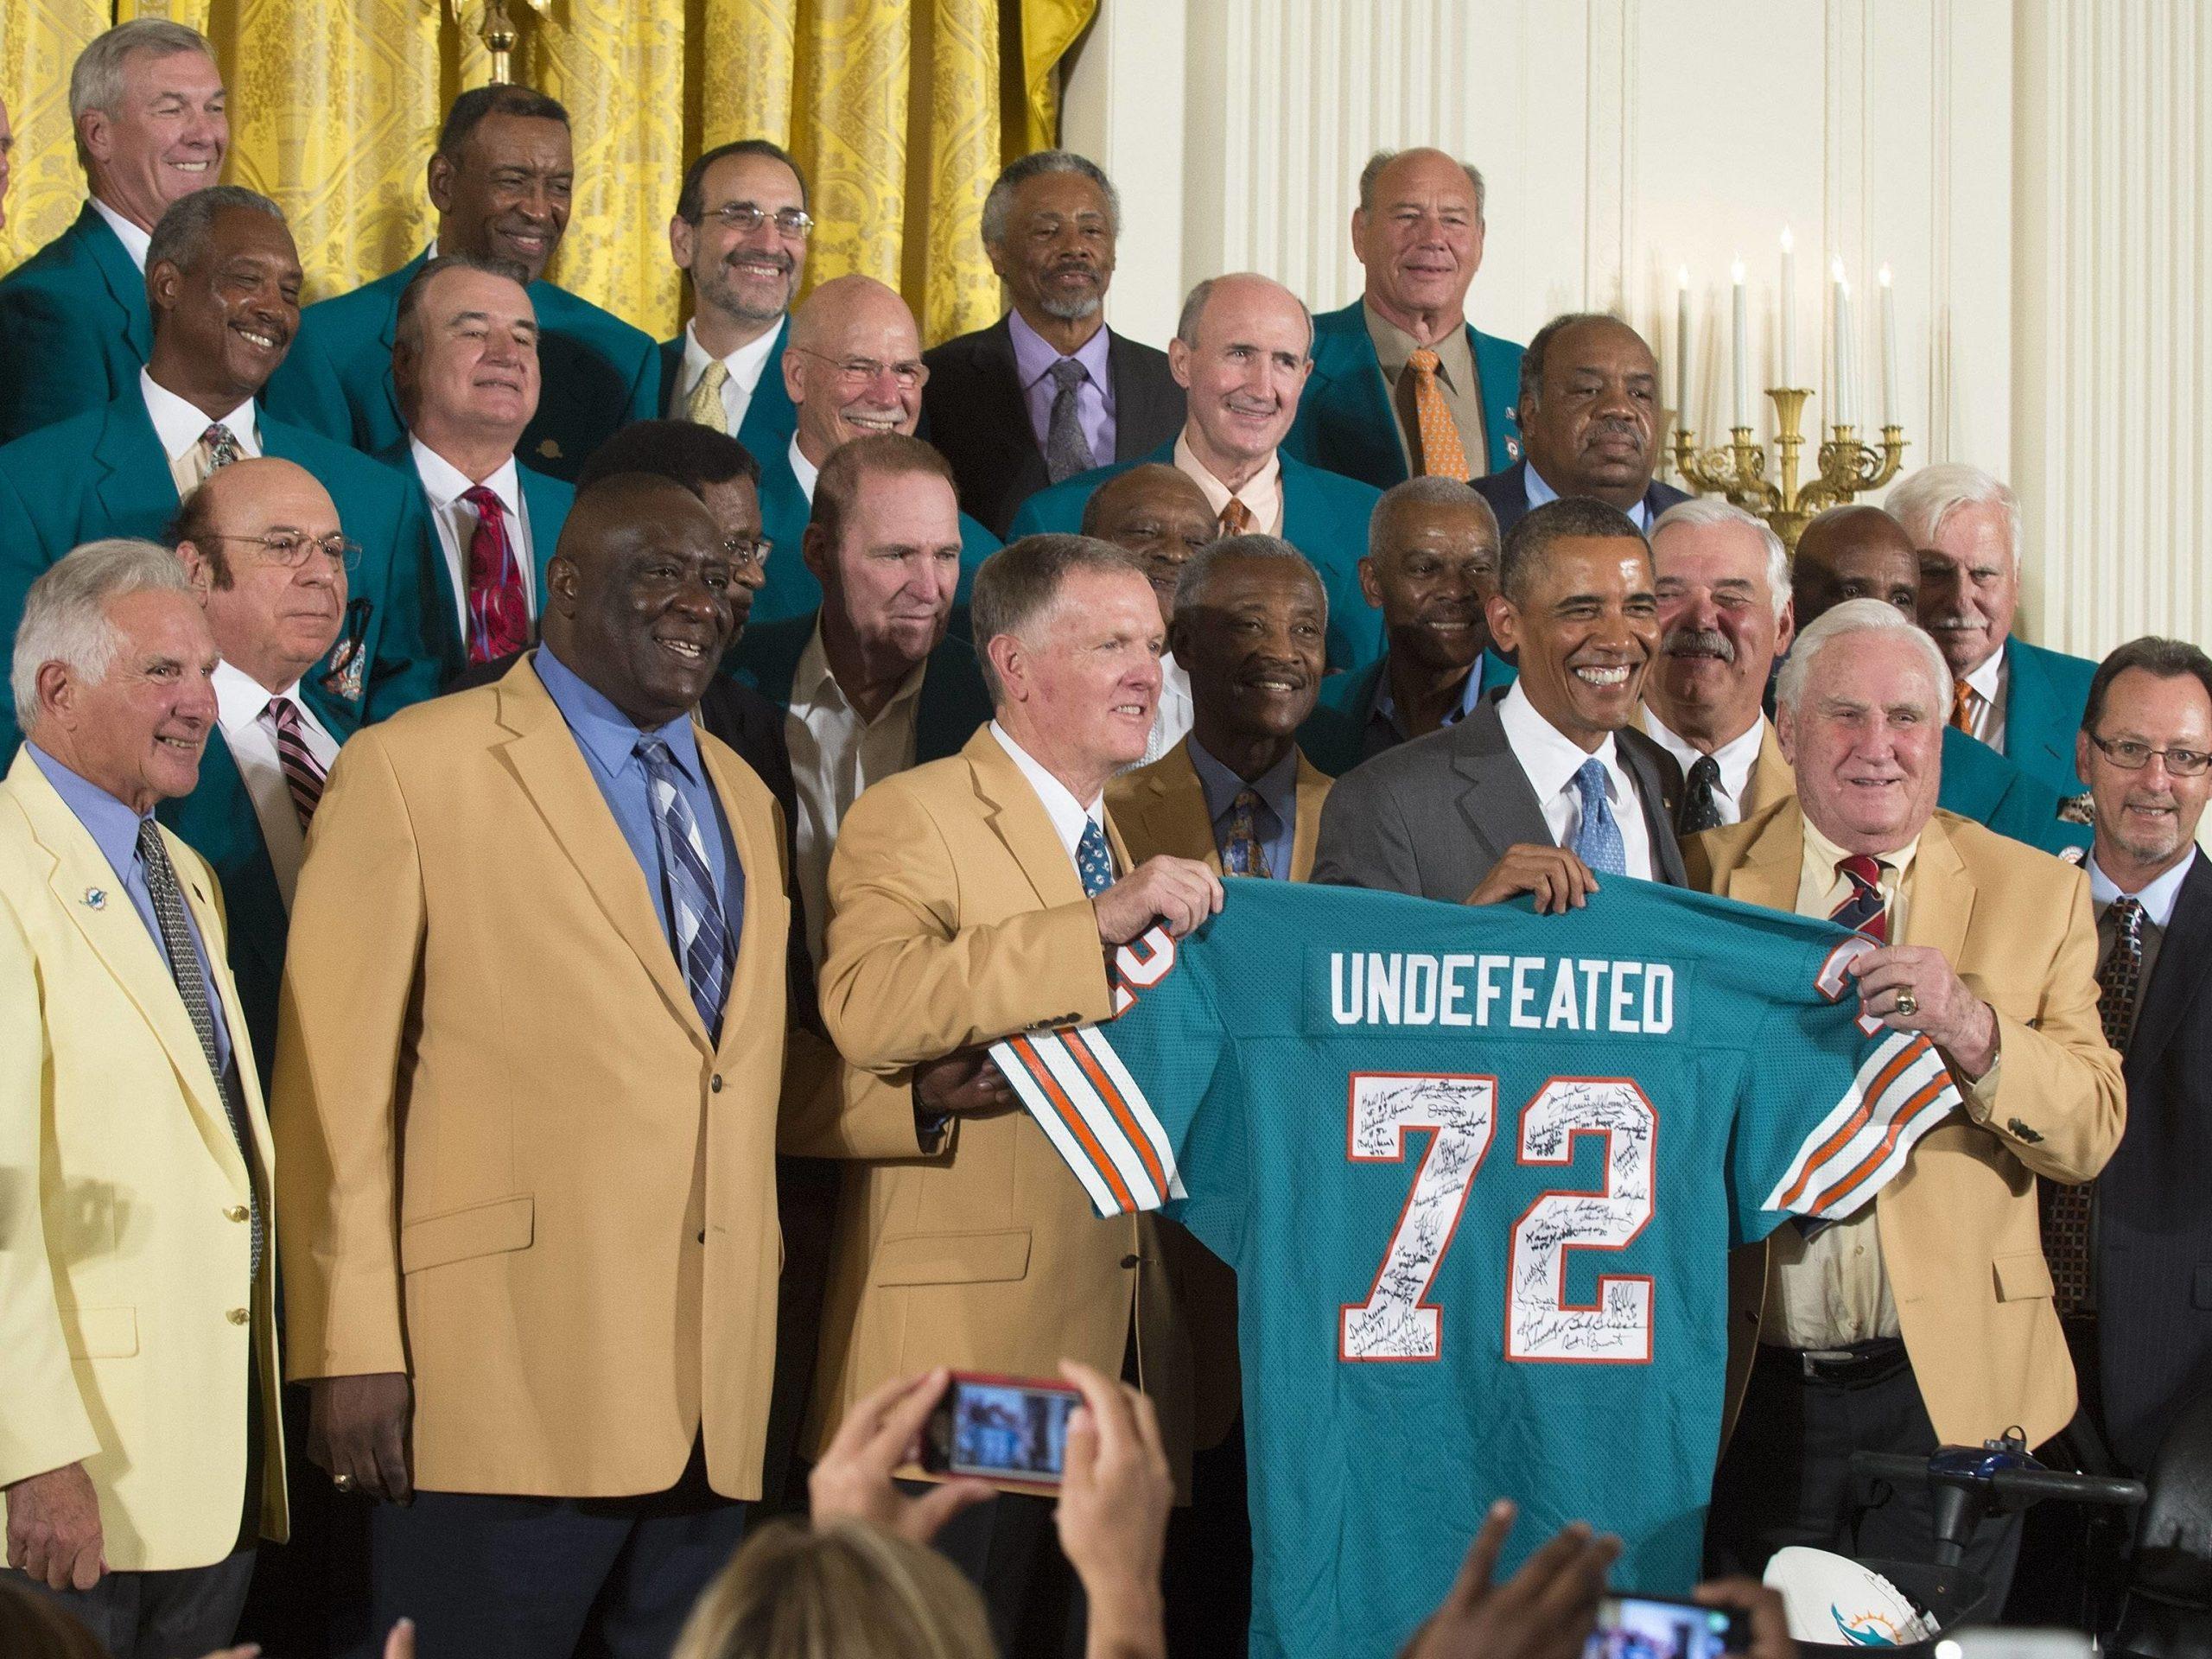 Sektkorken Knallen: Warum Die Miami Dolphins Feiern - Kicker regarding Miami Dolphins Undefeated Season Super Bowl